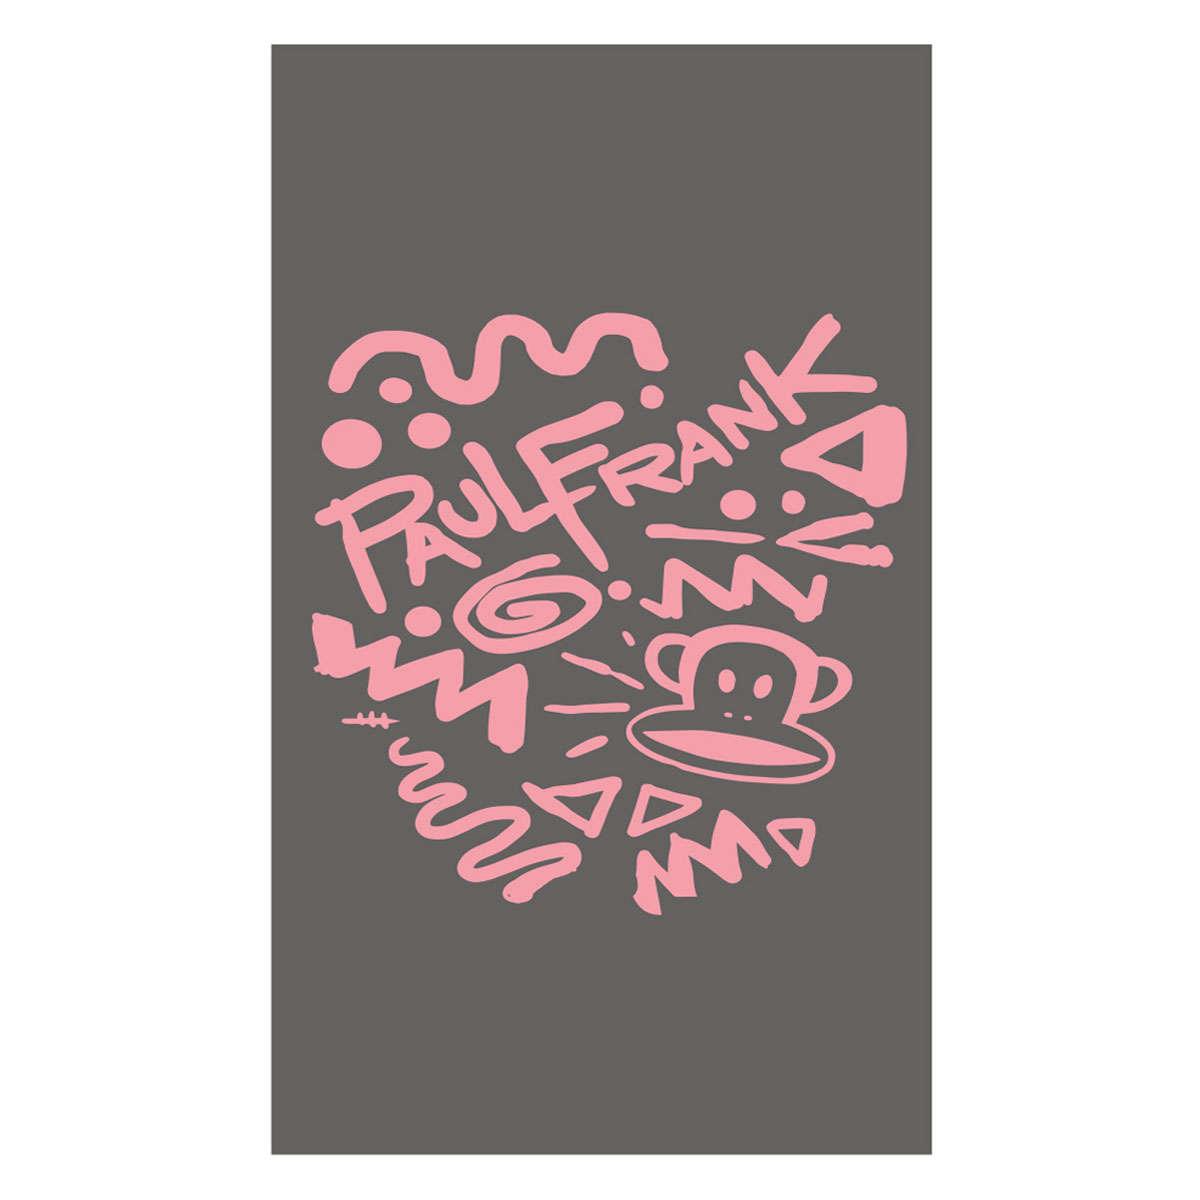 Πετσέτα Θαλάσσης Paul Frank 21 Brown-Pink Kentia Θαλάσσης 80x160cm